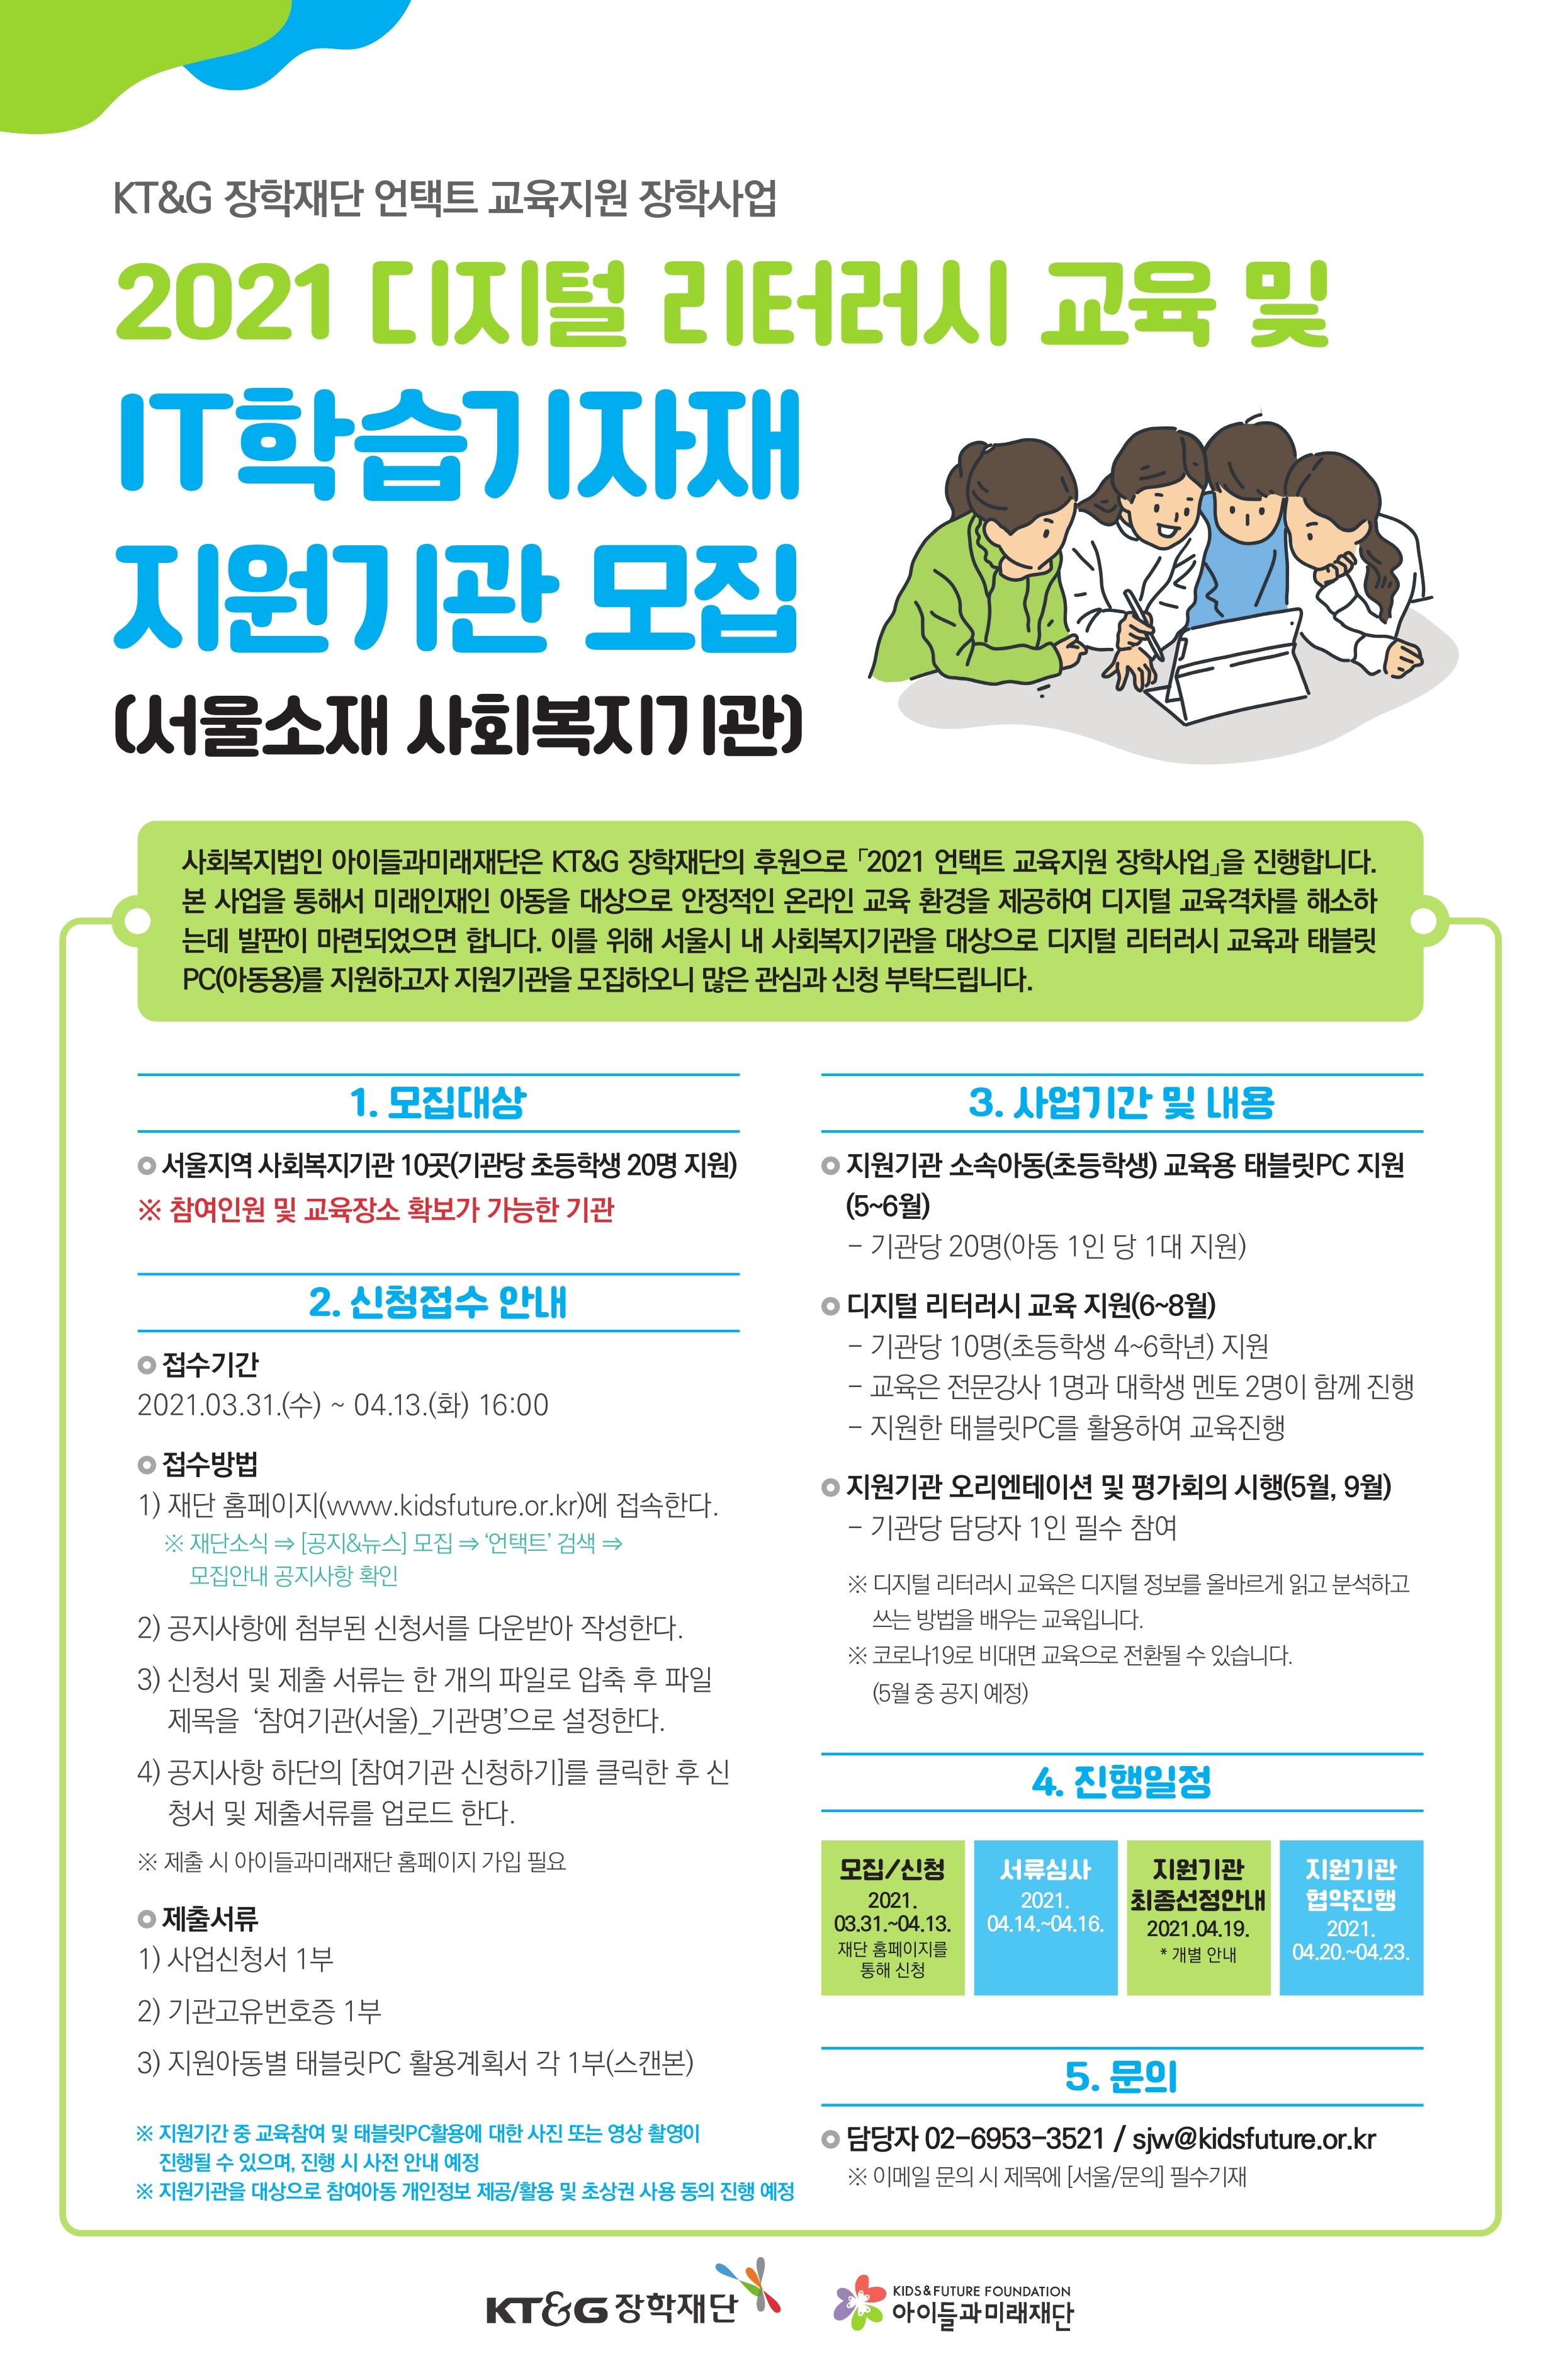 [붙임][서울] 교육 및 태블릿PC 지원안내 웹포스터.jpg